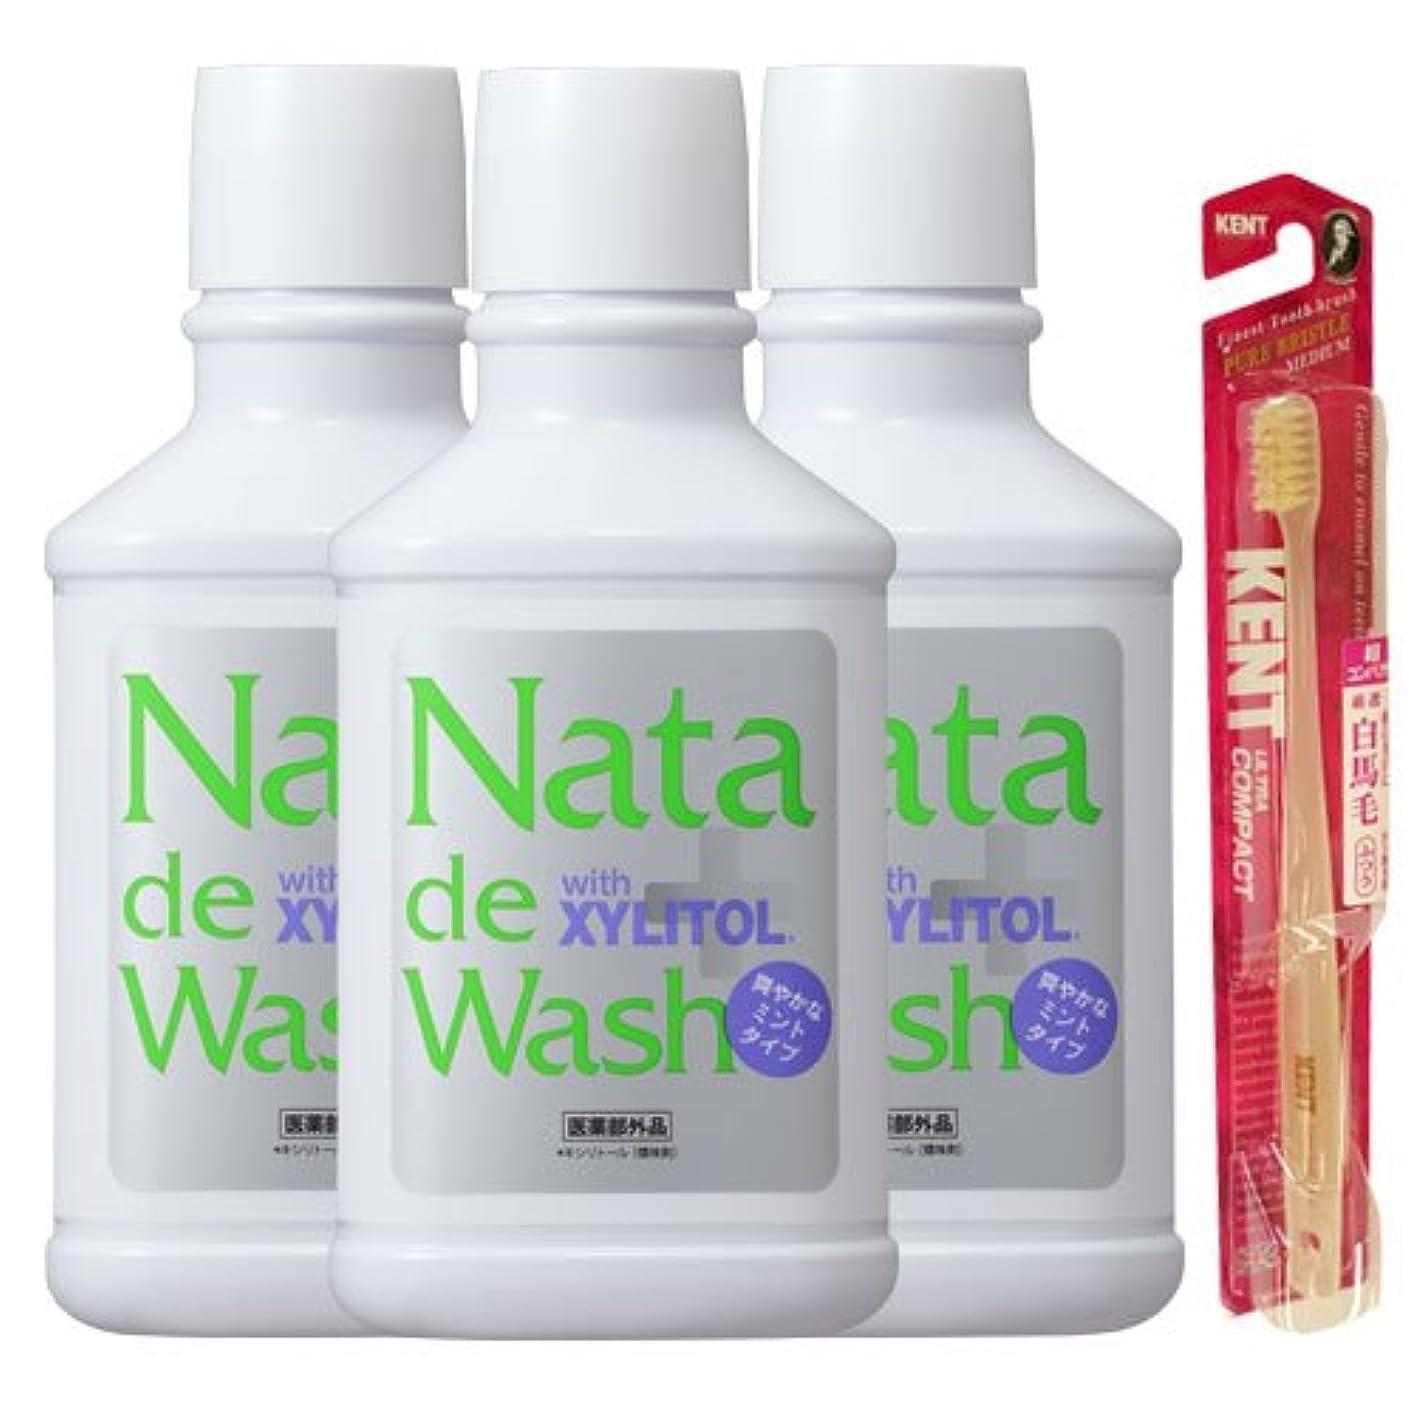 硬化するジレンマめる薬用ナタデウォッシュ 爽やかなミントタイプ 500ml 3本& KENT歯ブラシ1本プレゼント